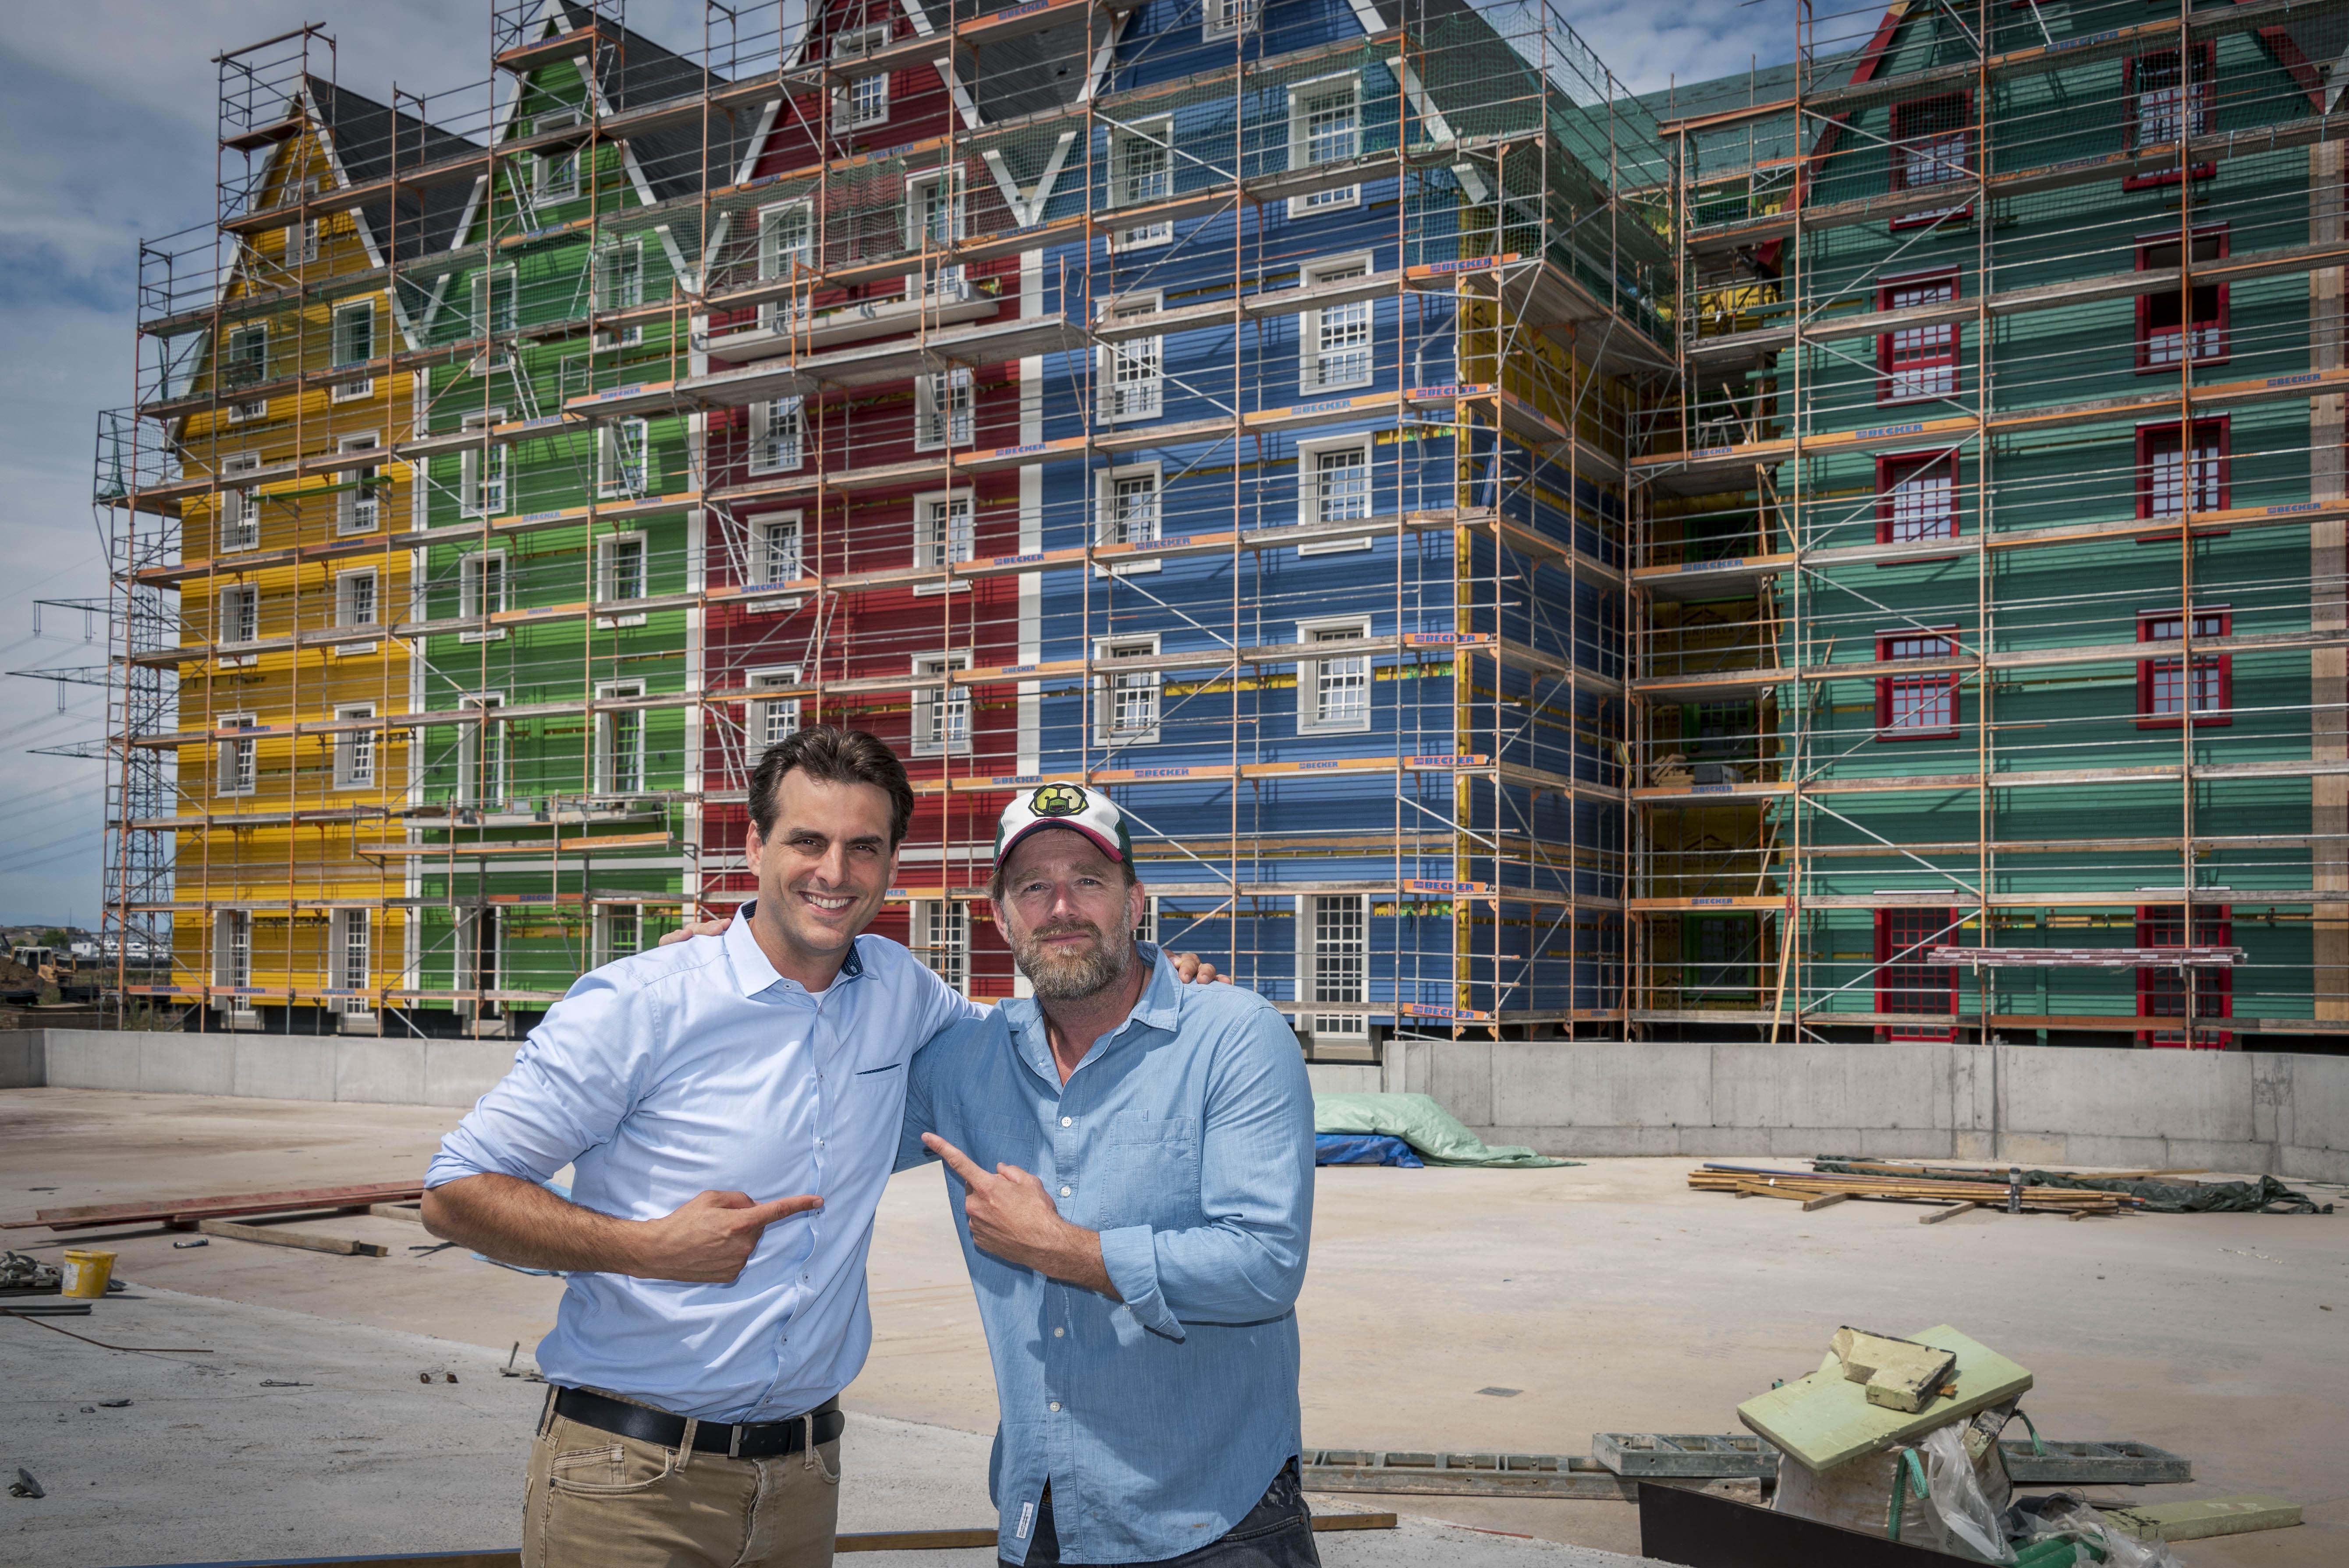 Im Juli 2018 hat sich Thomas Mack mit Brian Bojsen einen ersten Eindruck von der Resort-Erweiterung gemacht